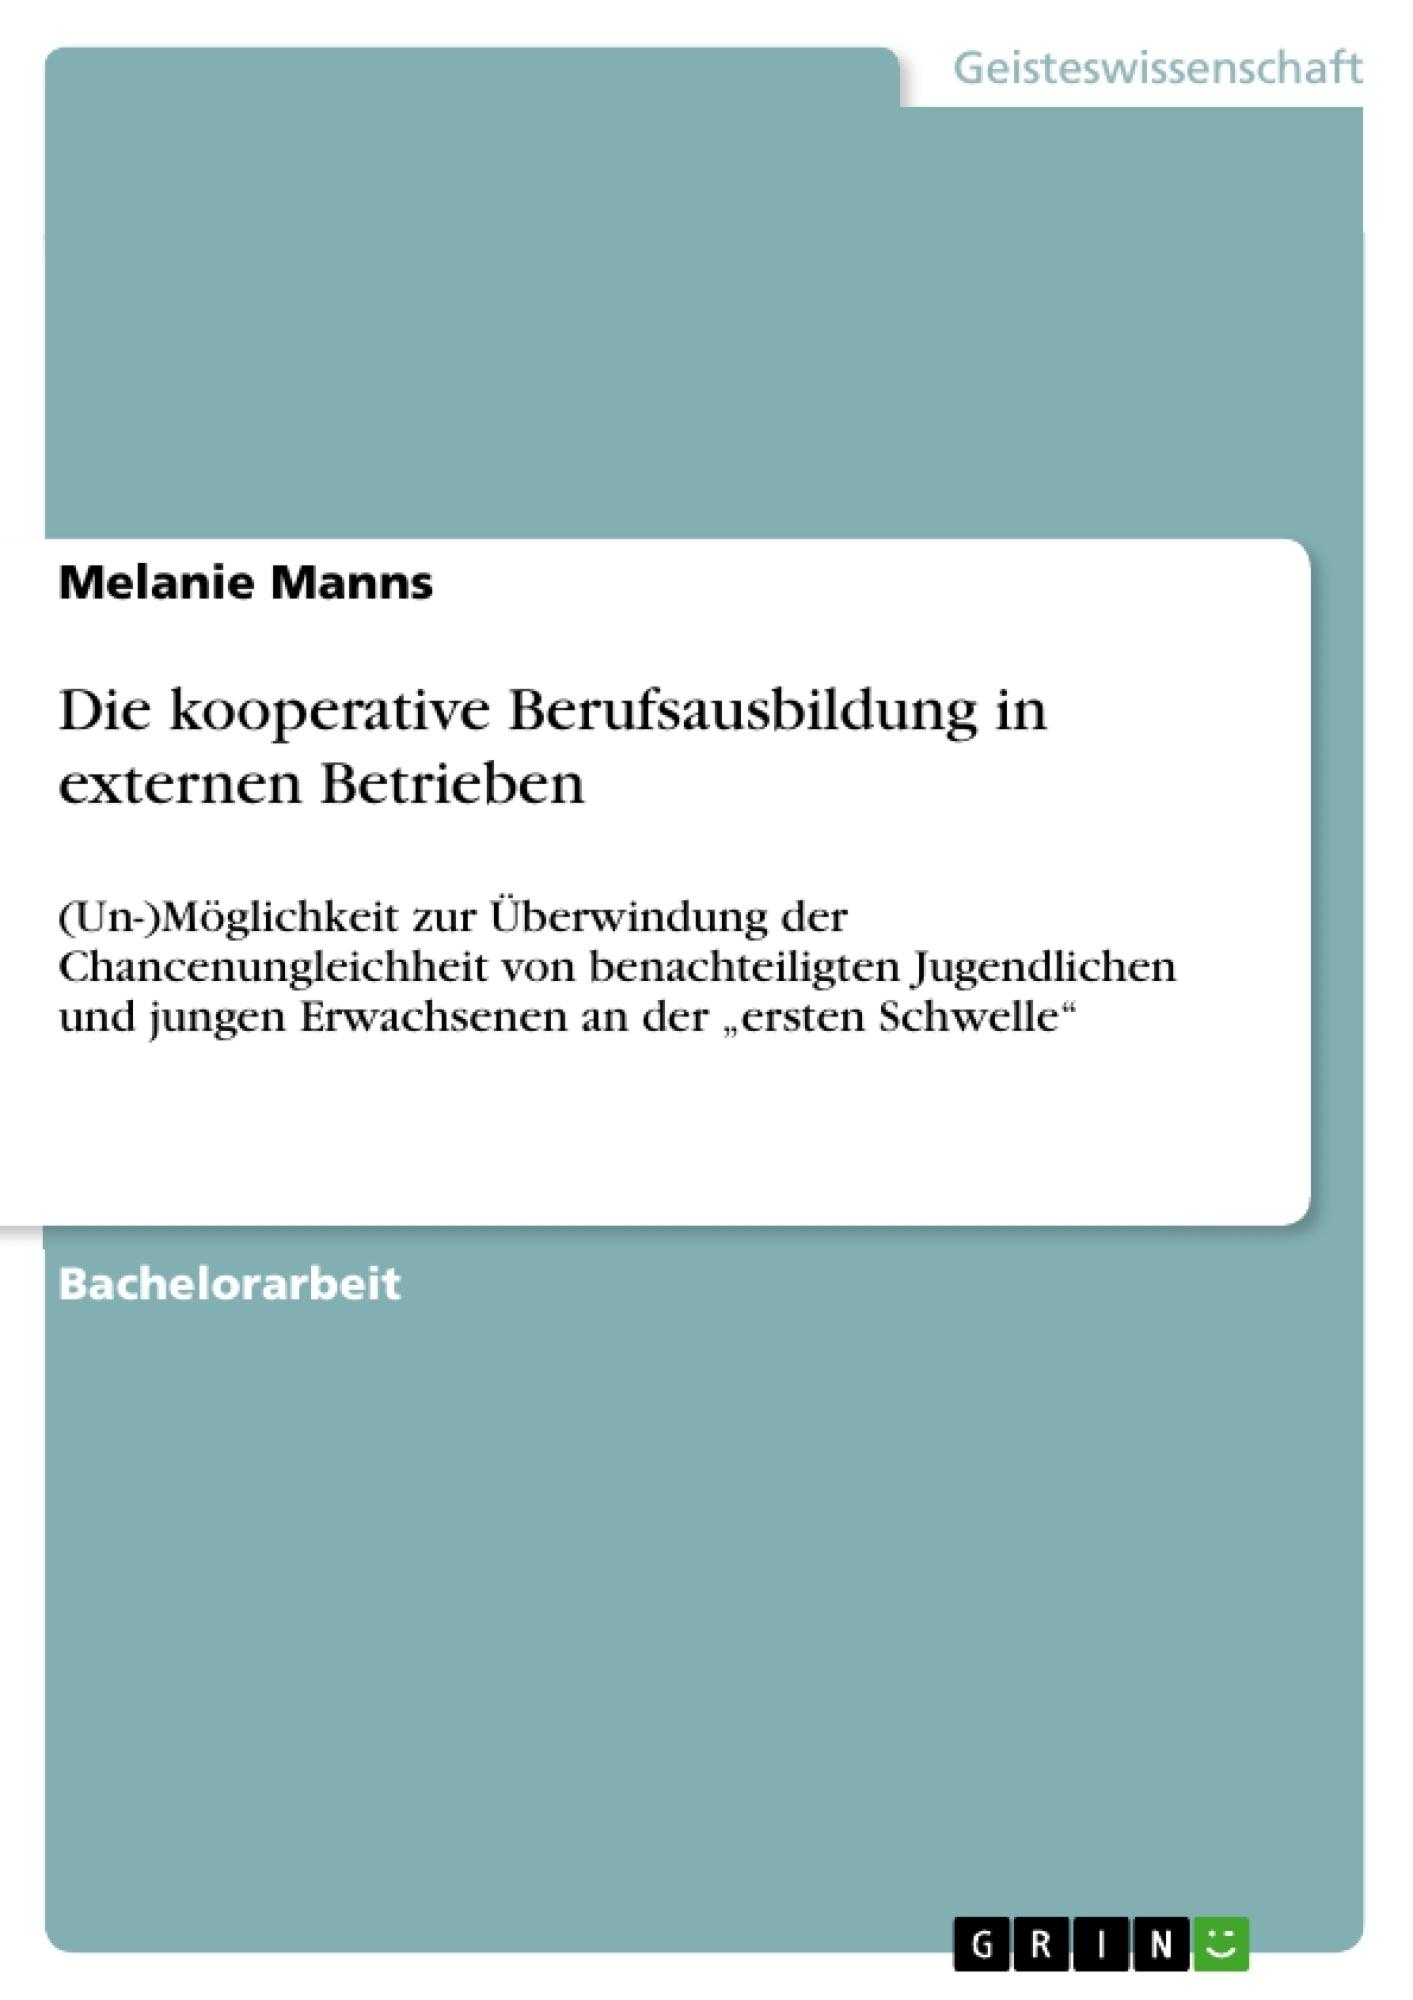 Titel: Die kooperative Berufsausbildung in externen Betrieben